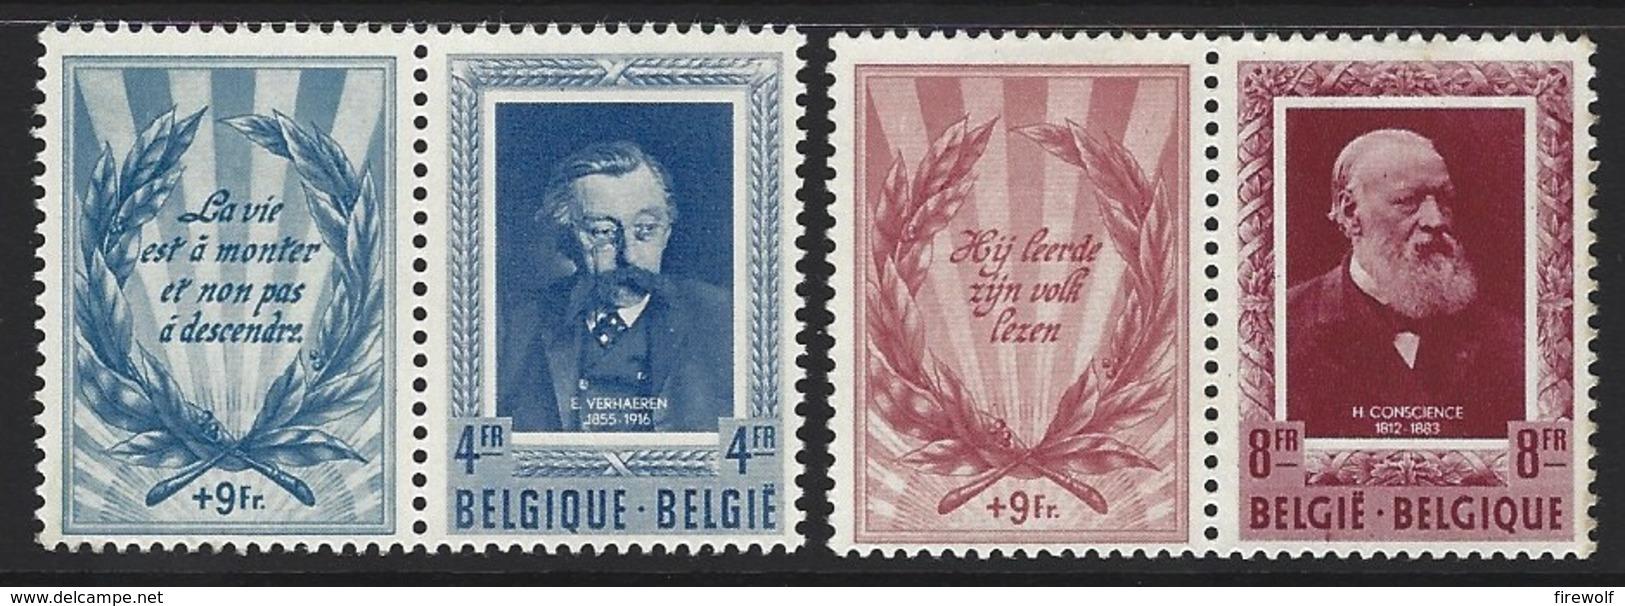 D11 - Belgium - 1952 - OBP 898/899 MH - Letterkundigen Verhaeren Conscience - Licht Roestplekje In Tanding - Belgium